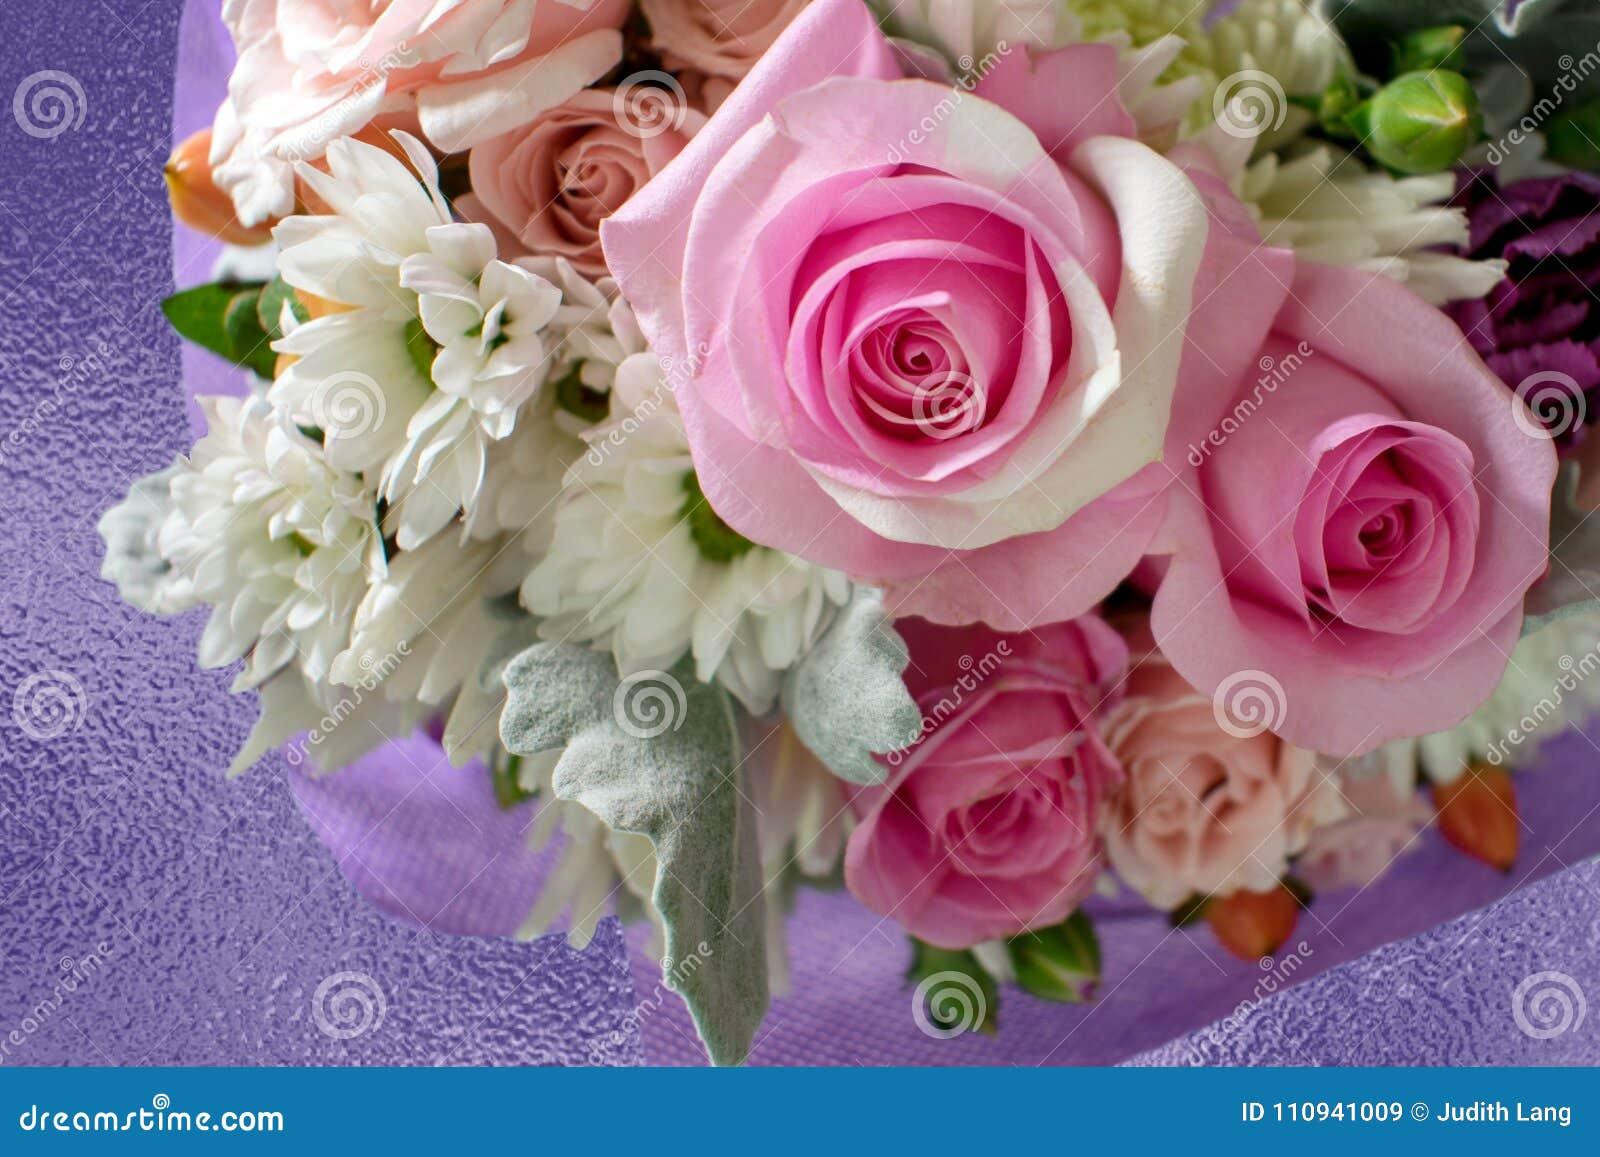 Ρόδινα τριαντάφυλλα στο κέντρο της όμορφης ανθοδέσμης των λουλουδιών